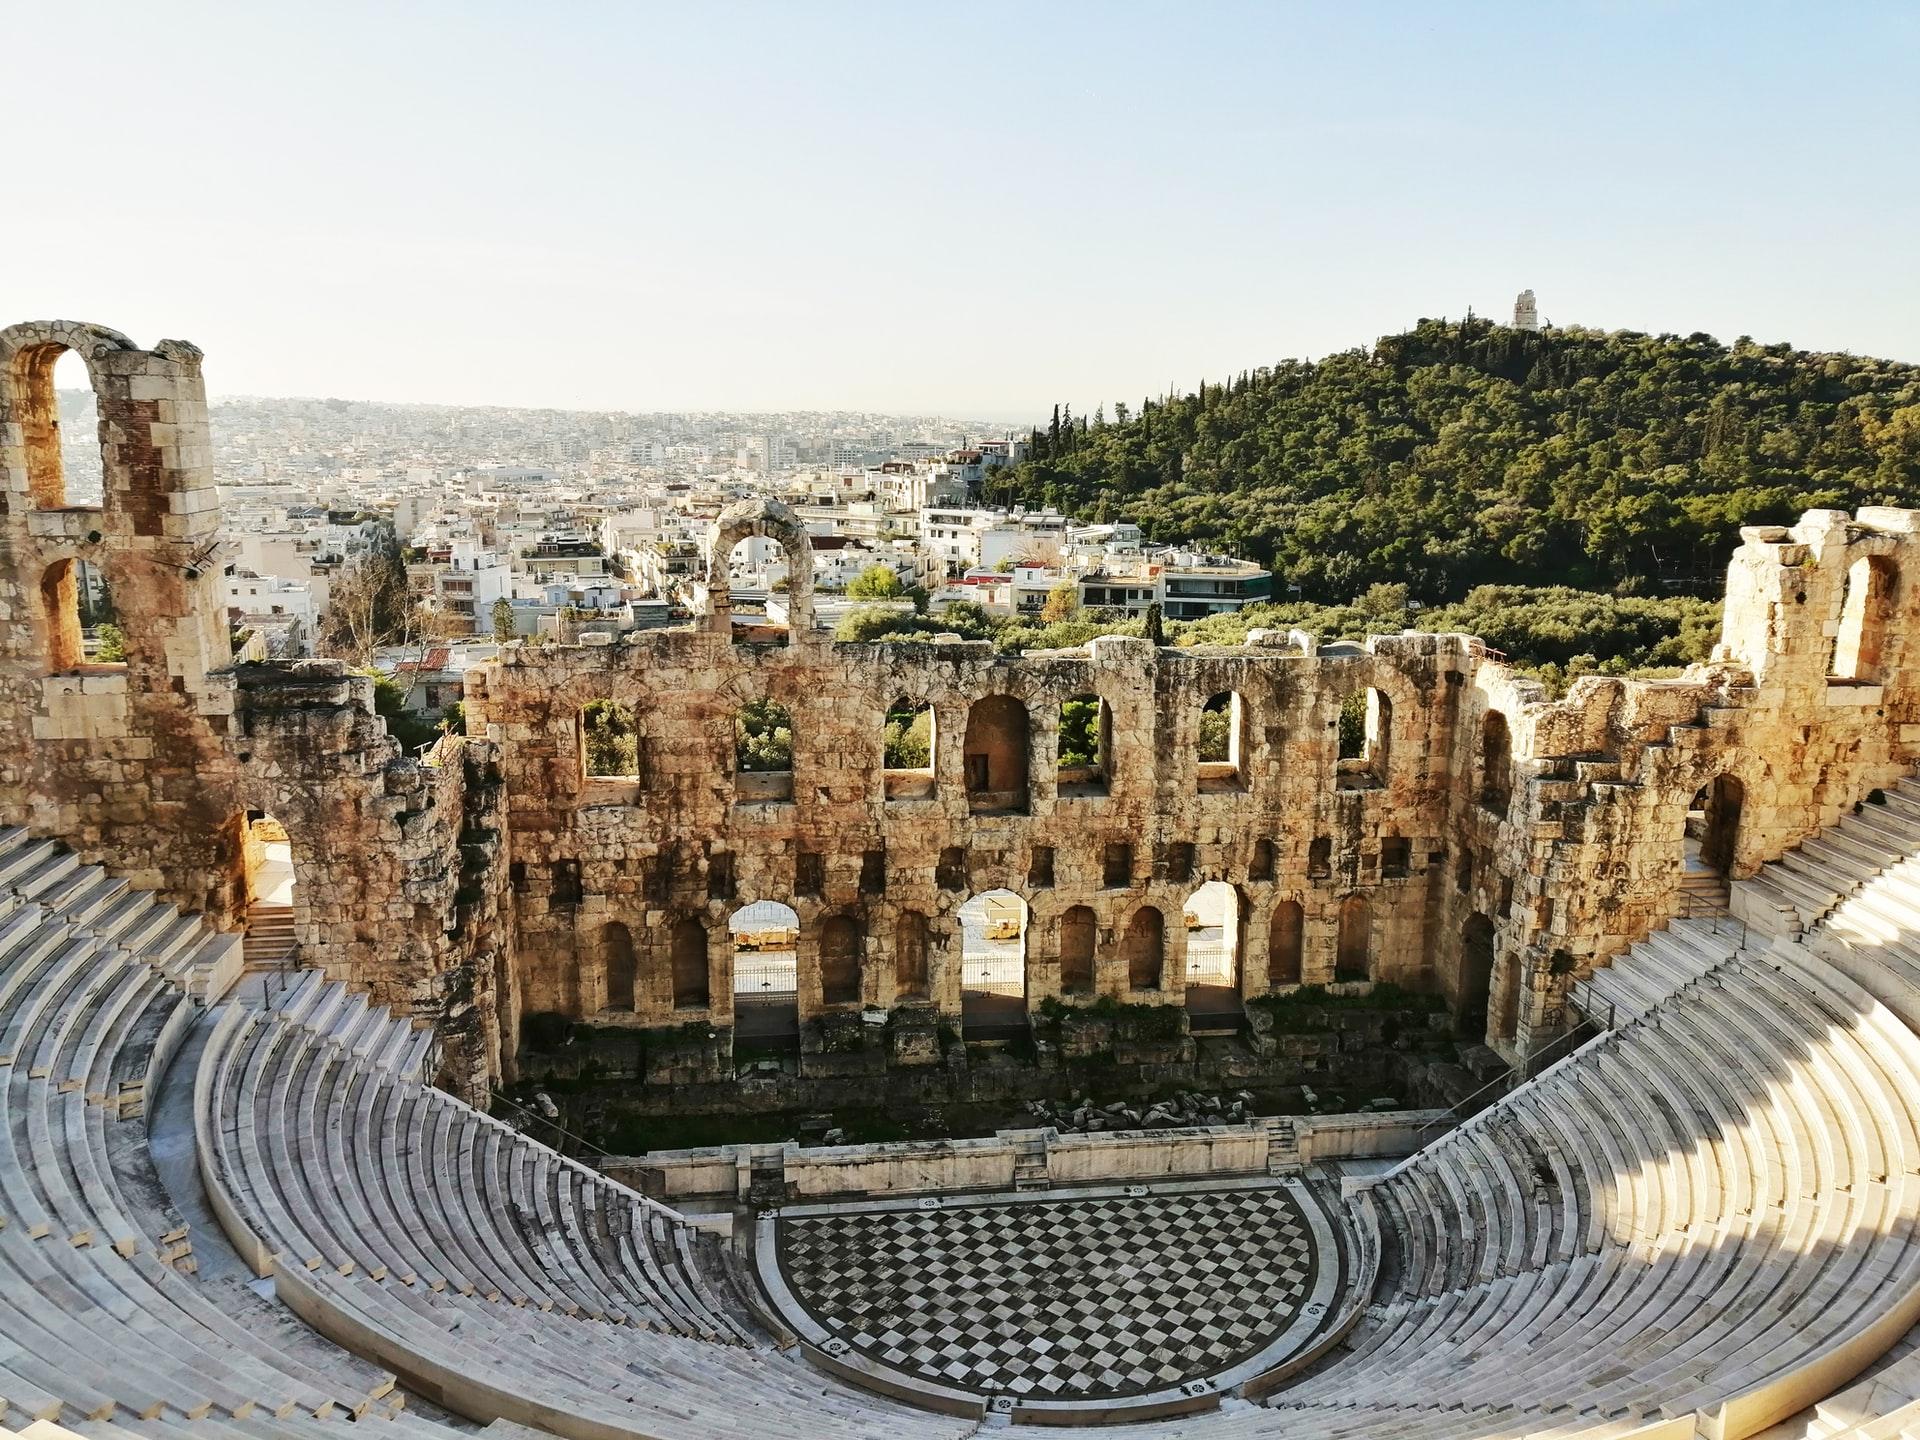 Il 'Kouros ritrovato' va in mostra ad Atene: in Sicilia arriva una preziosa statua cicladica